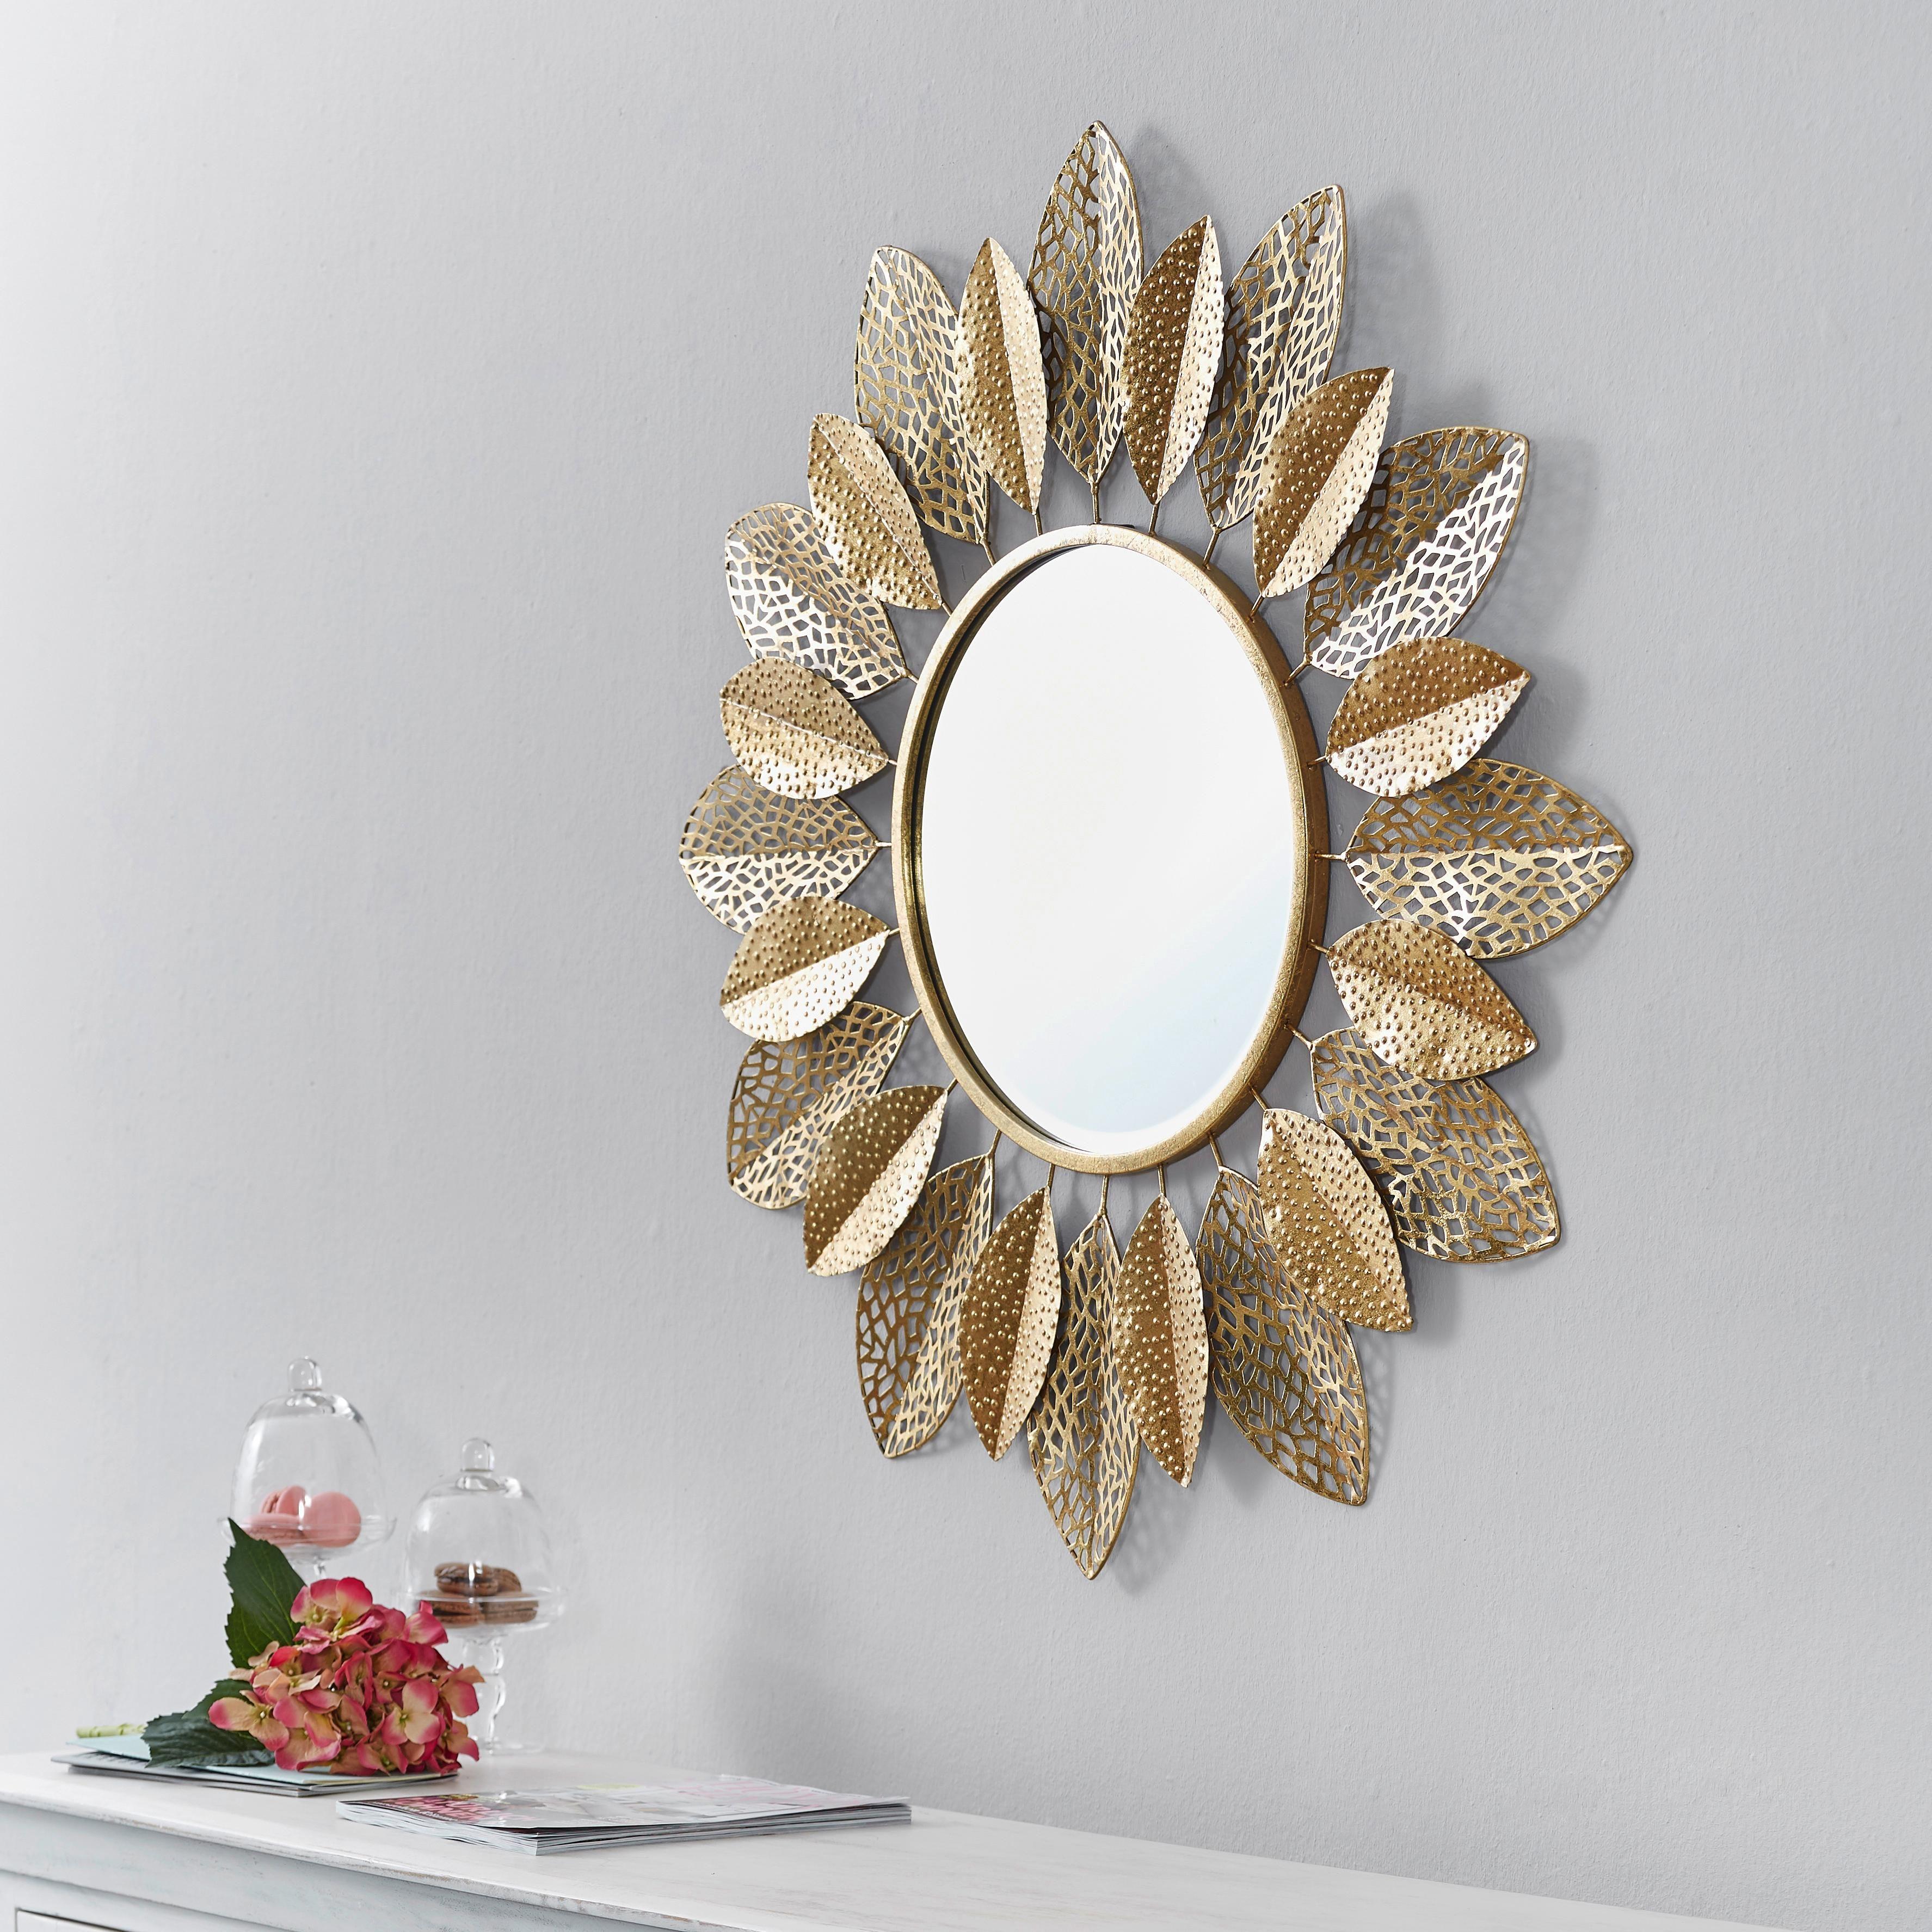 Diese Goldfarbene Sonne Ist Das Accessoire In Ihrem Raum Ob Als Elegante Erganzung Uber Der Kommode Im Schlafzimmer Sonnenspiegel Wandspiegel Rund Gold Farbe